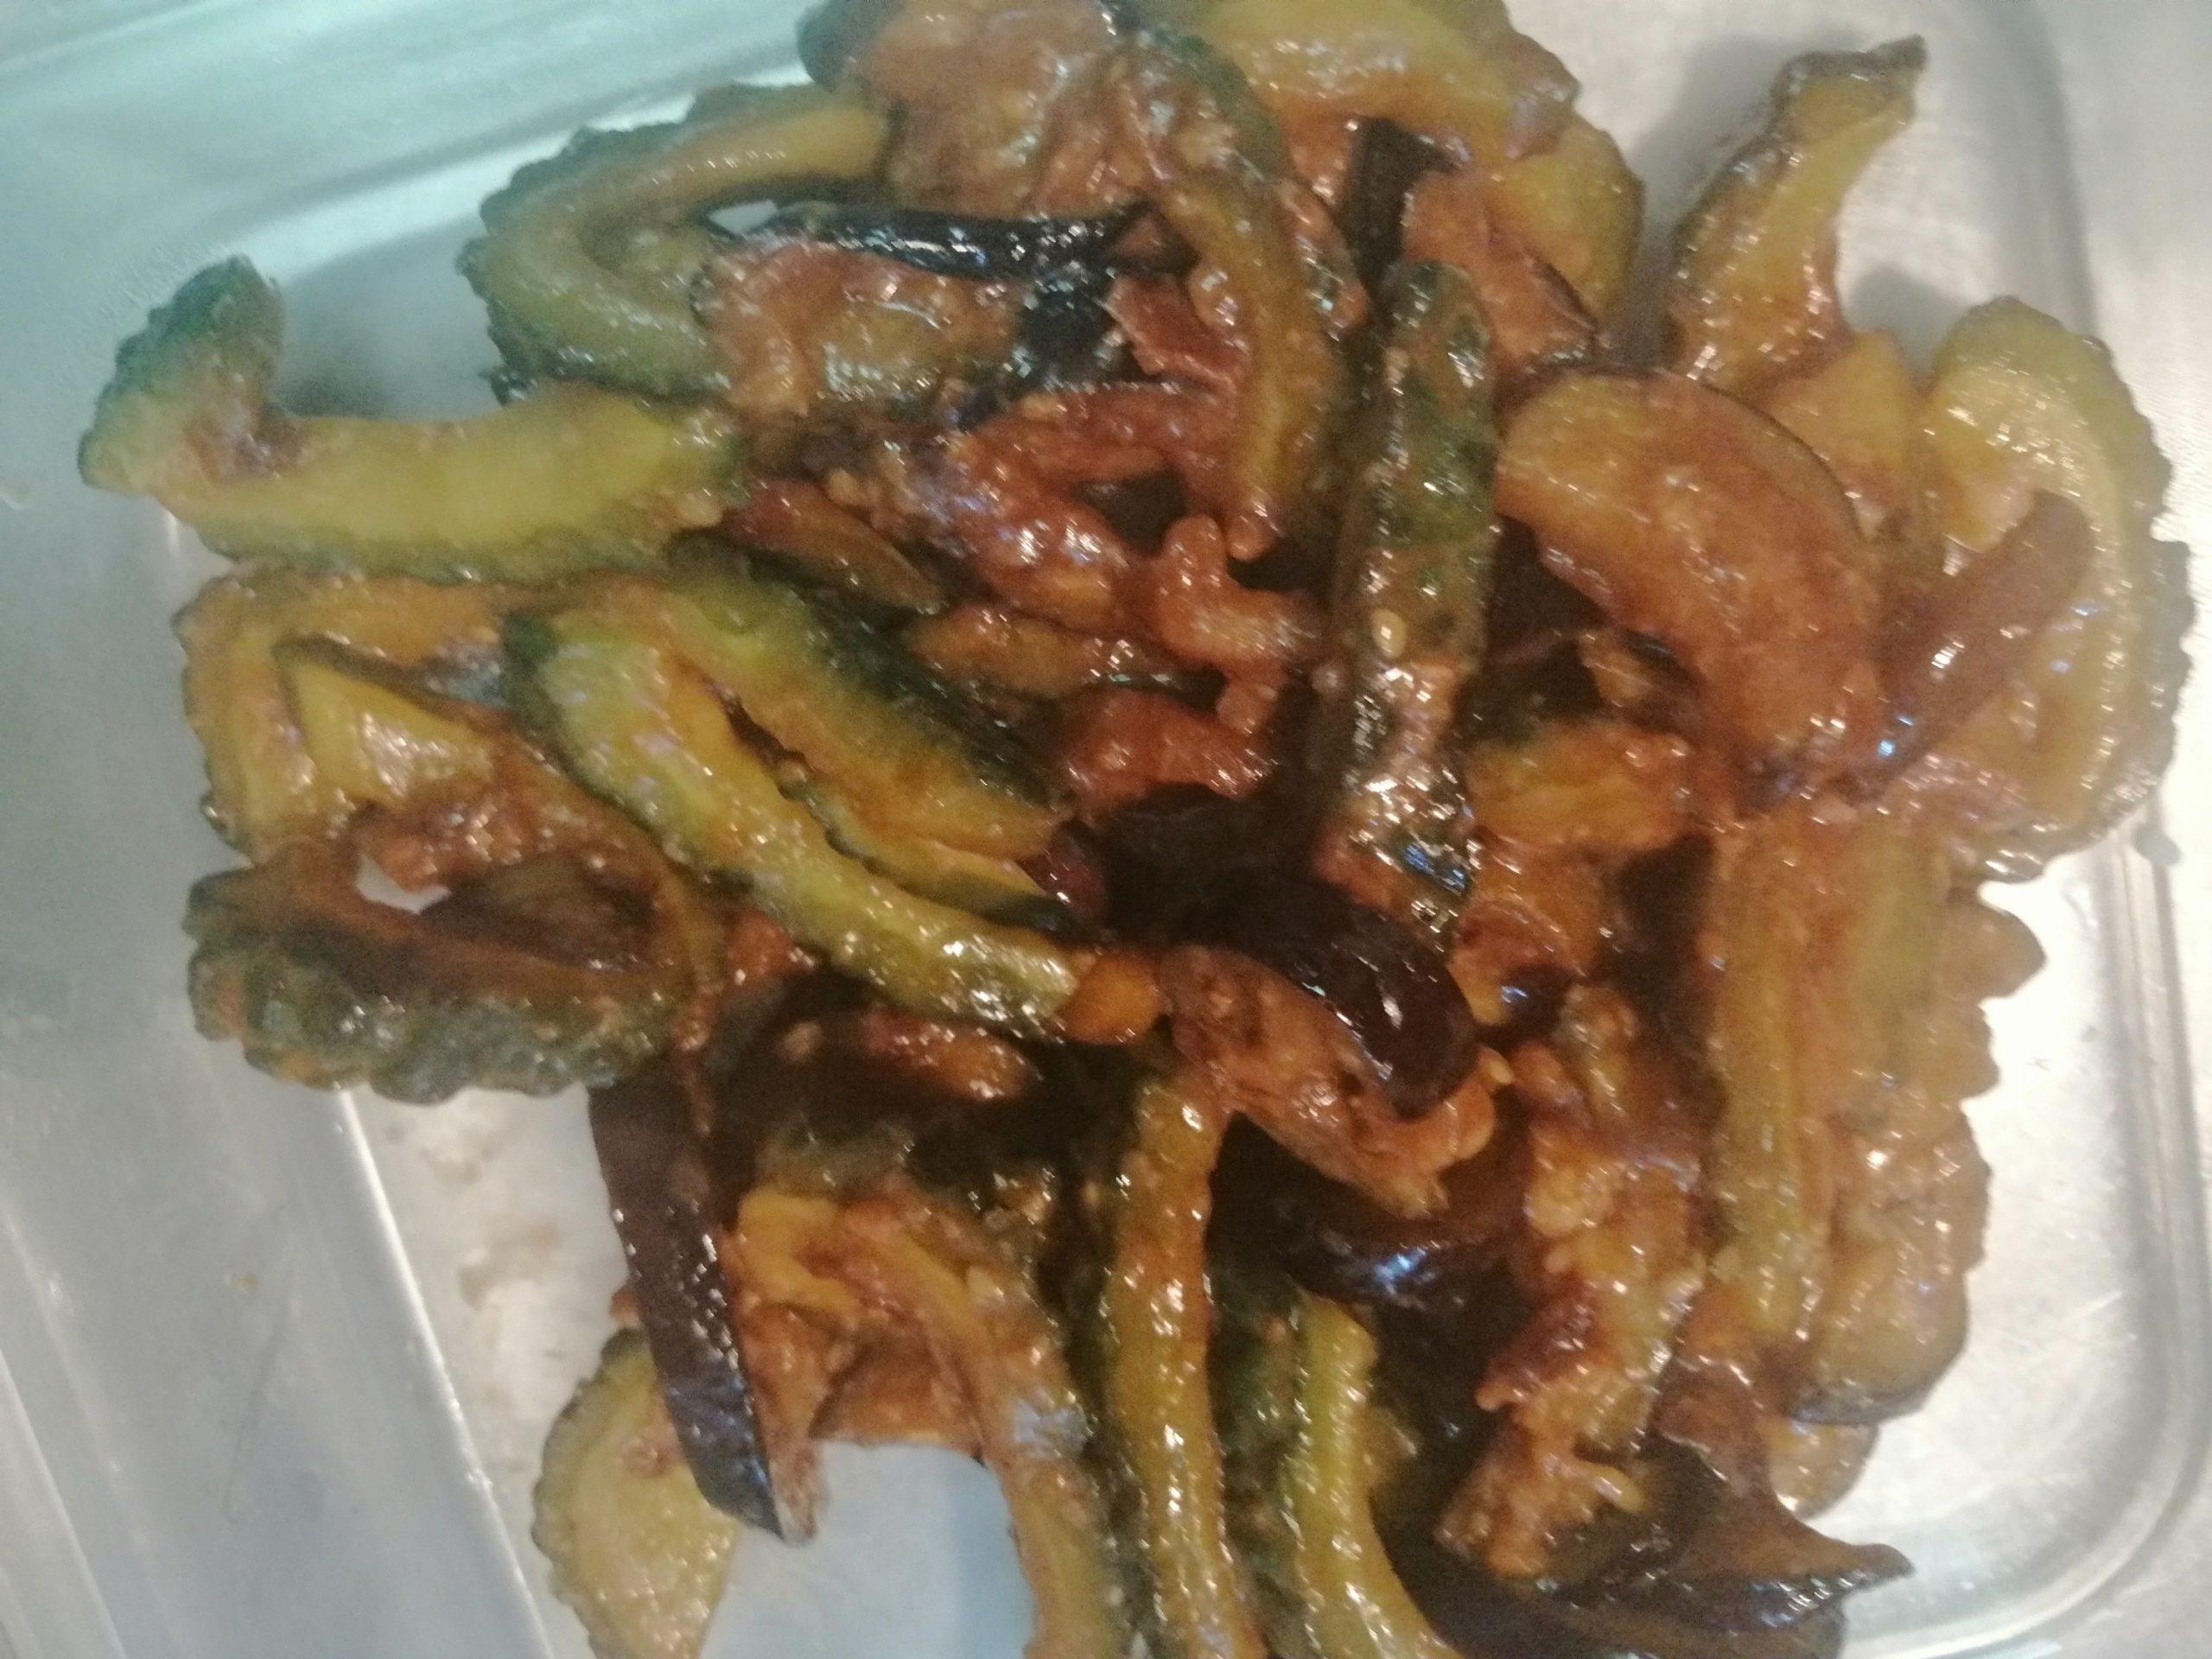 宮崎県の郷土料理「なすびとにがごり(ゴーヤ)の油炒め」のレシピ